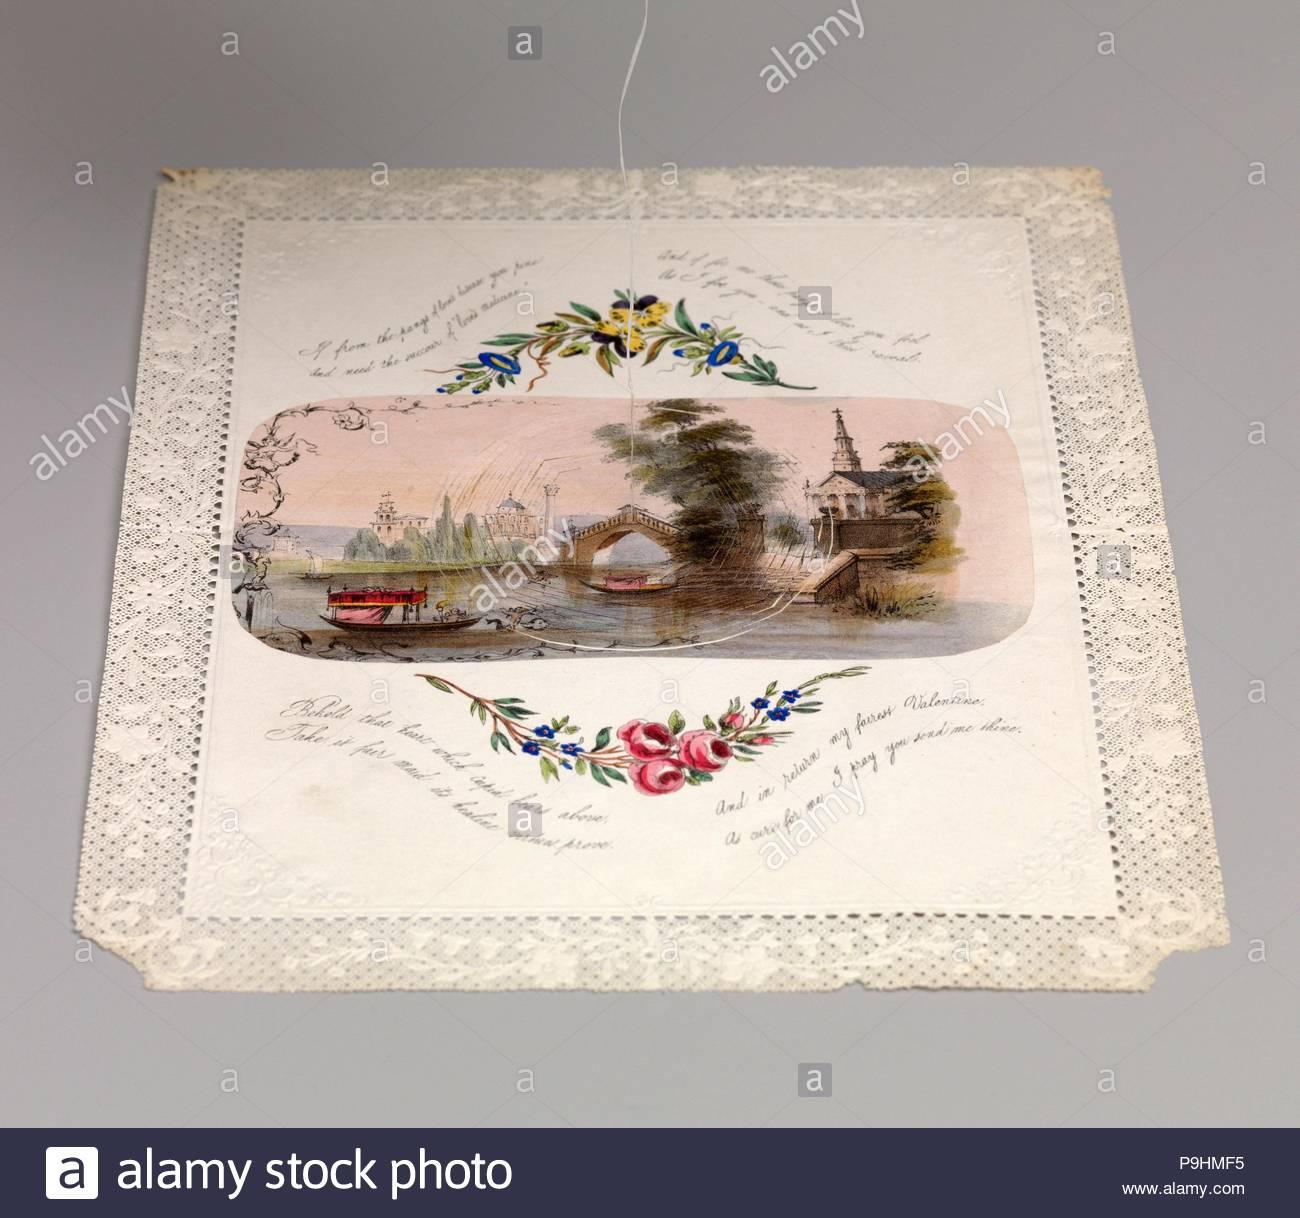 Disegni e Stampe, Valentino, doppia ragnatela valentine con scena veneziana, artista anonimo, britannici del XIX secolo, anonimo, 1800, 1899, 1830-50, 1830, 1850, litografia. Immagini Stock